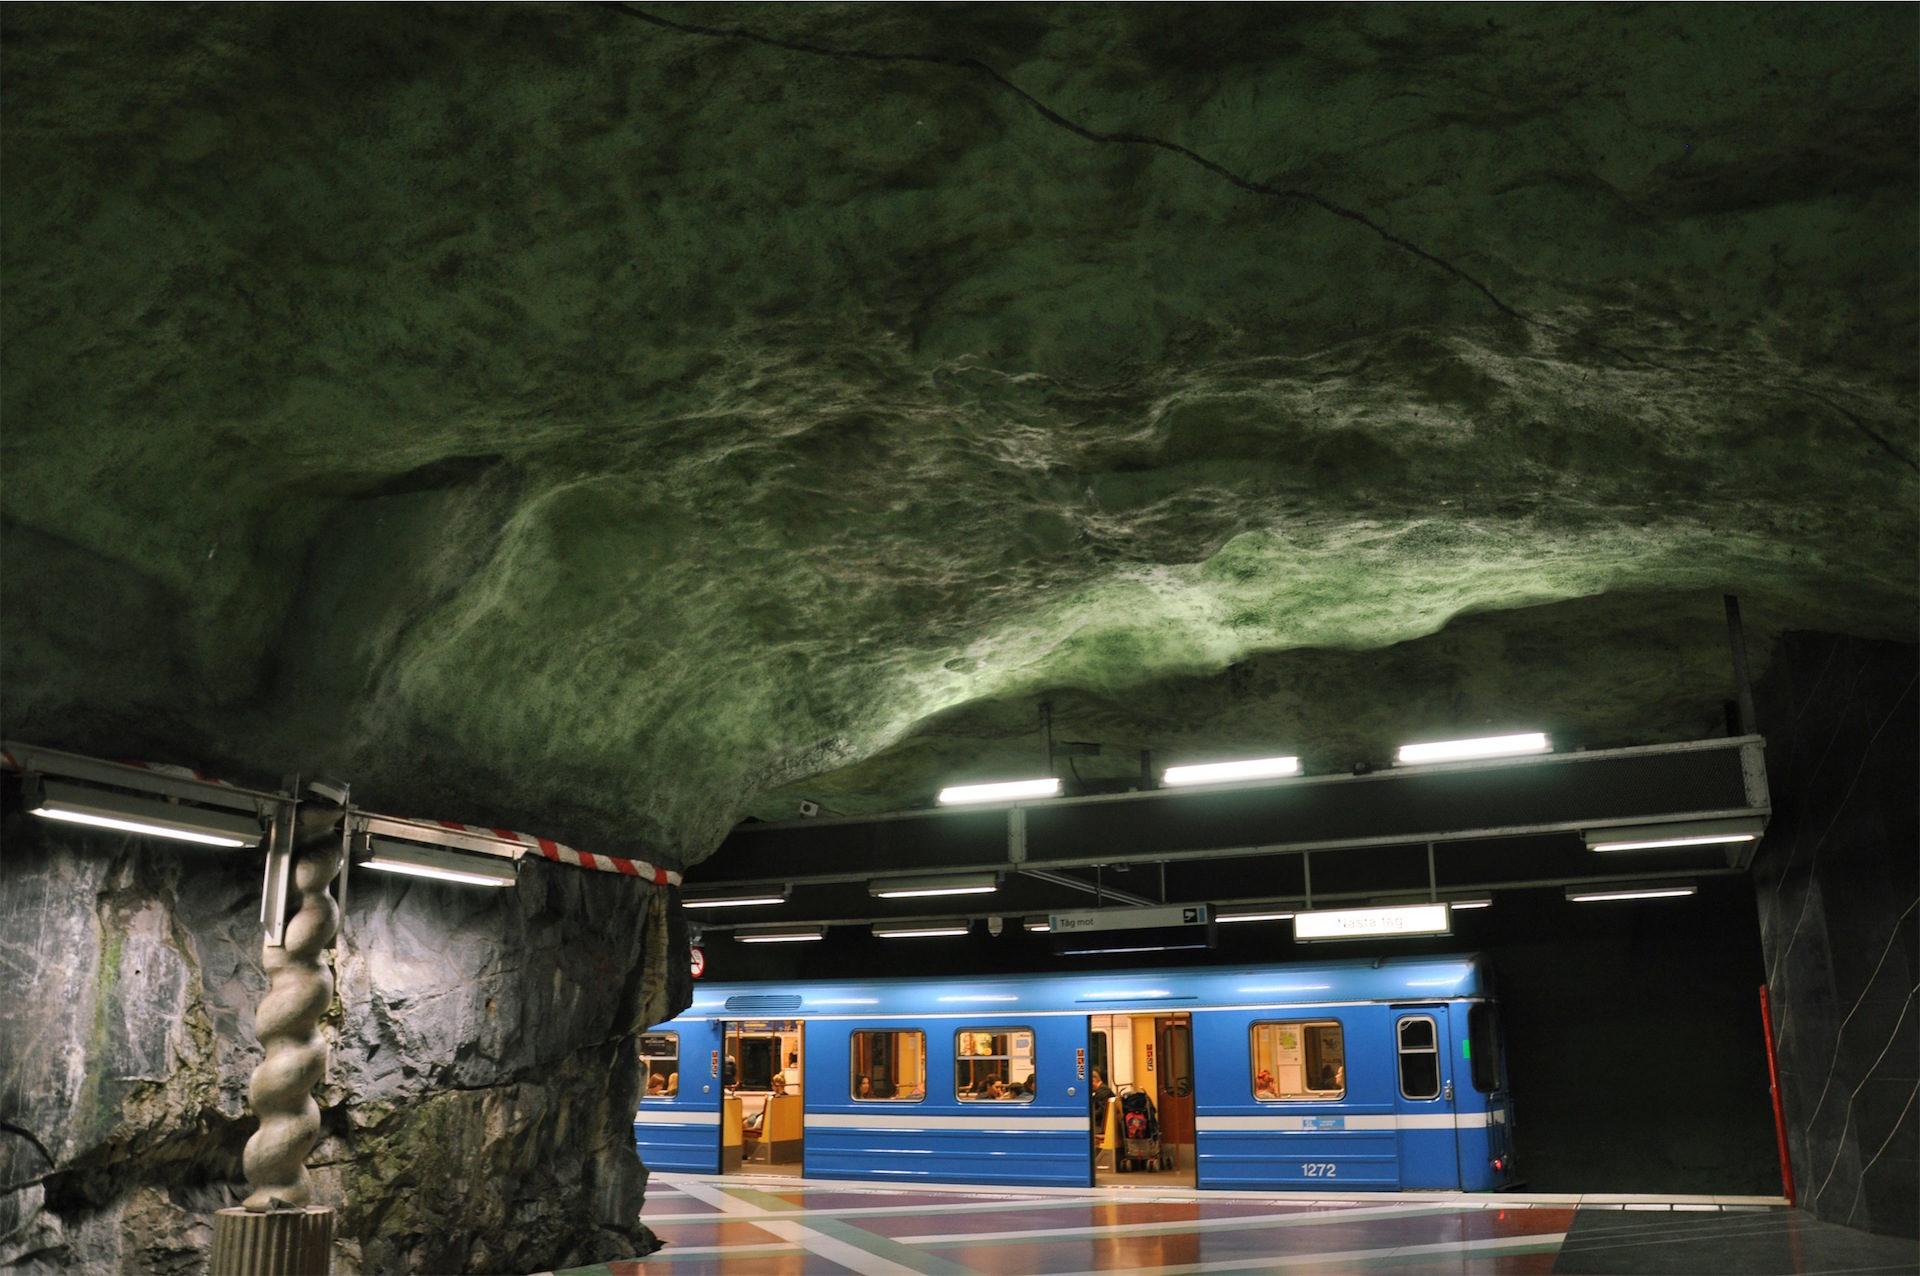 Σταθμός, Μετρό, σήραγγα, Βουνό, Πέτρα - Wallpapers HD - Professor-falken.com